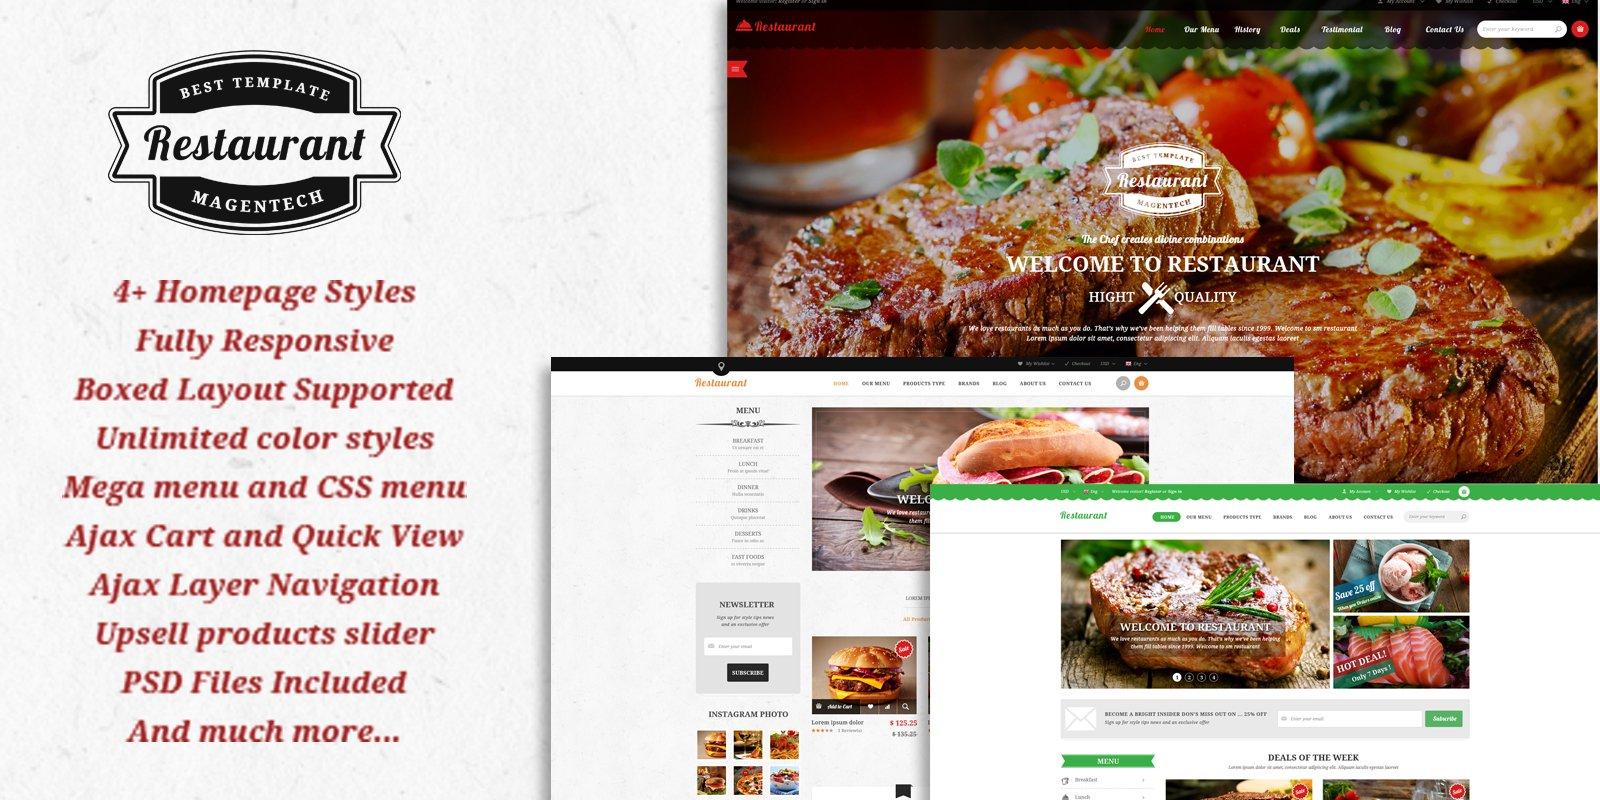 Magento Template: SM Restaurant - Responsive Restaurant Theme for Magento